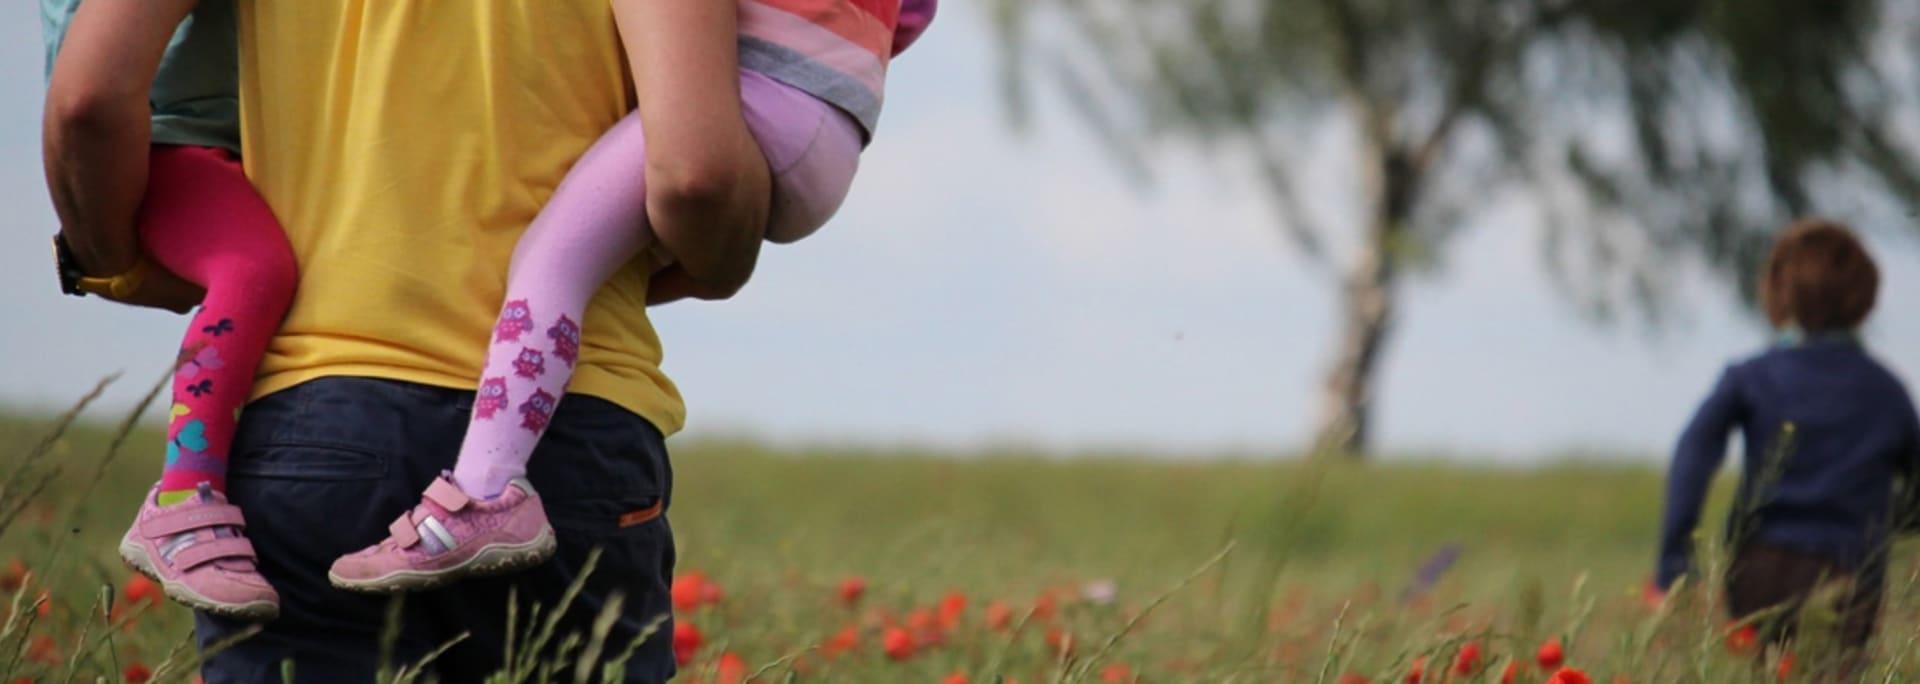 Pappa på vallmofält med barn